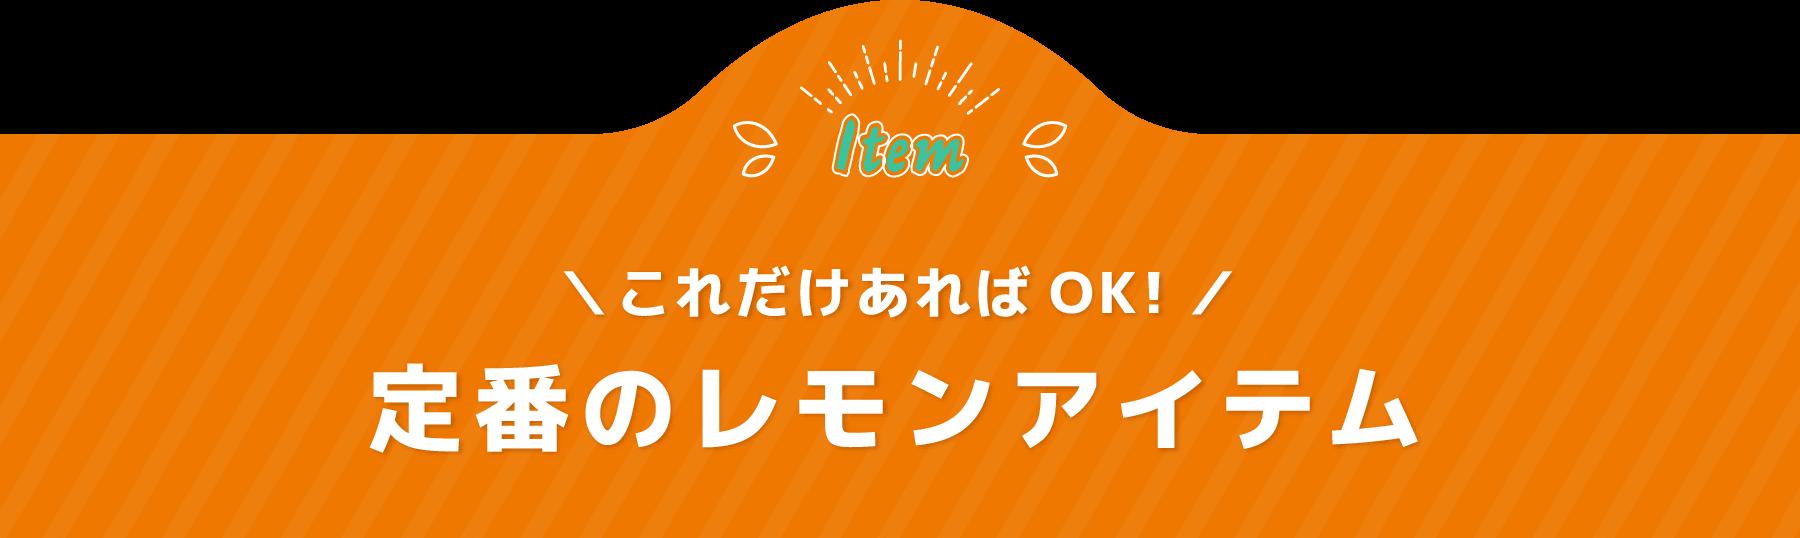 \これだけあればOK!/定番のレモンアイテム